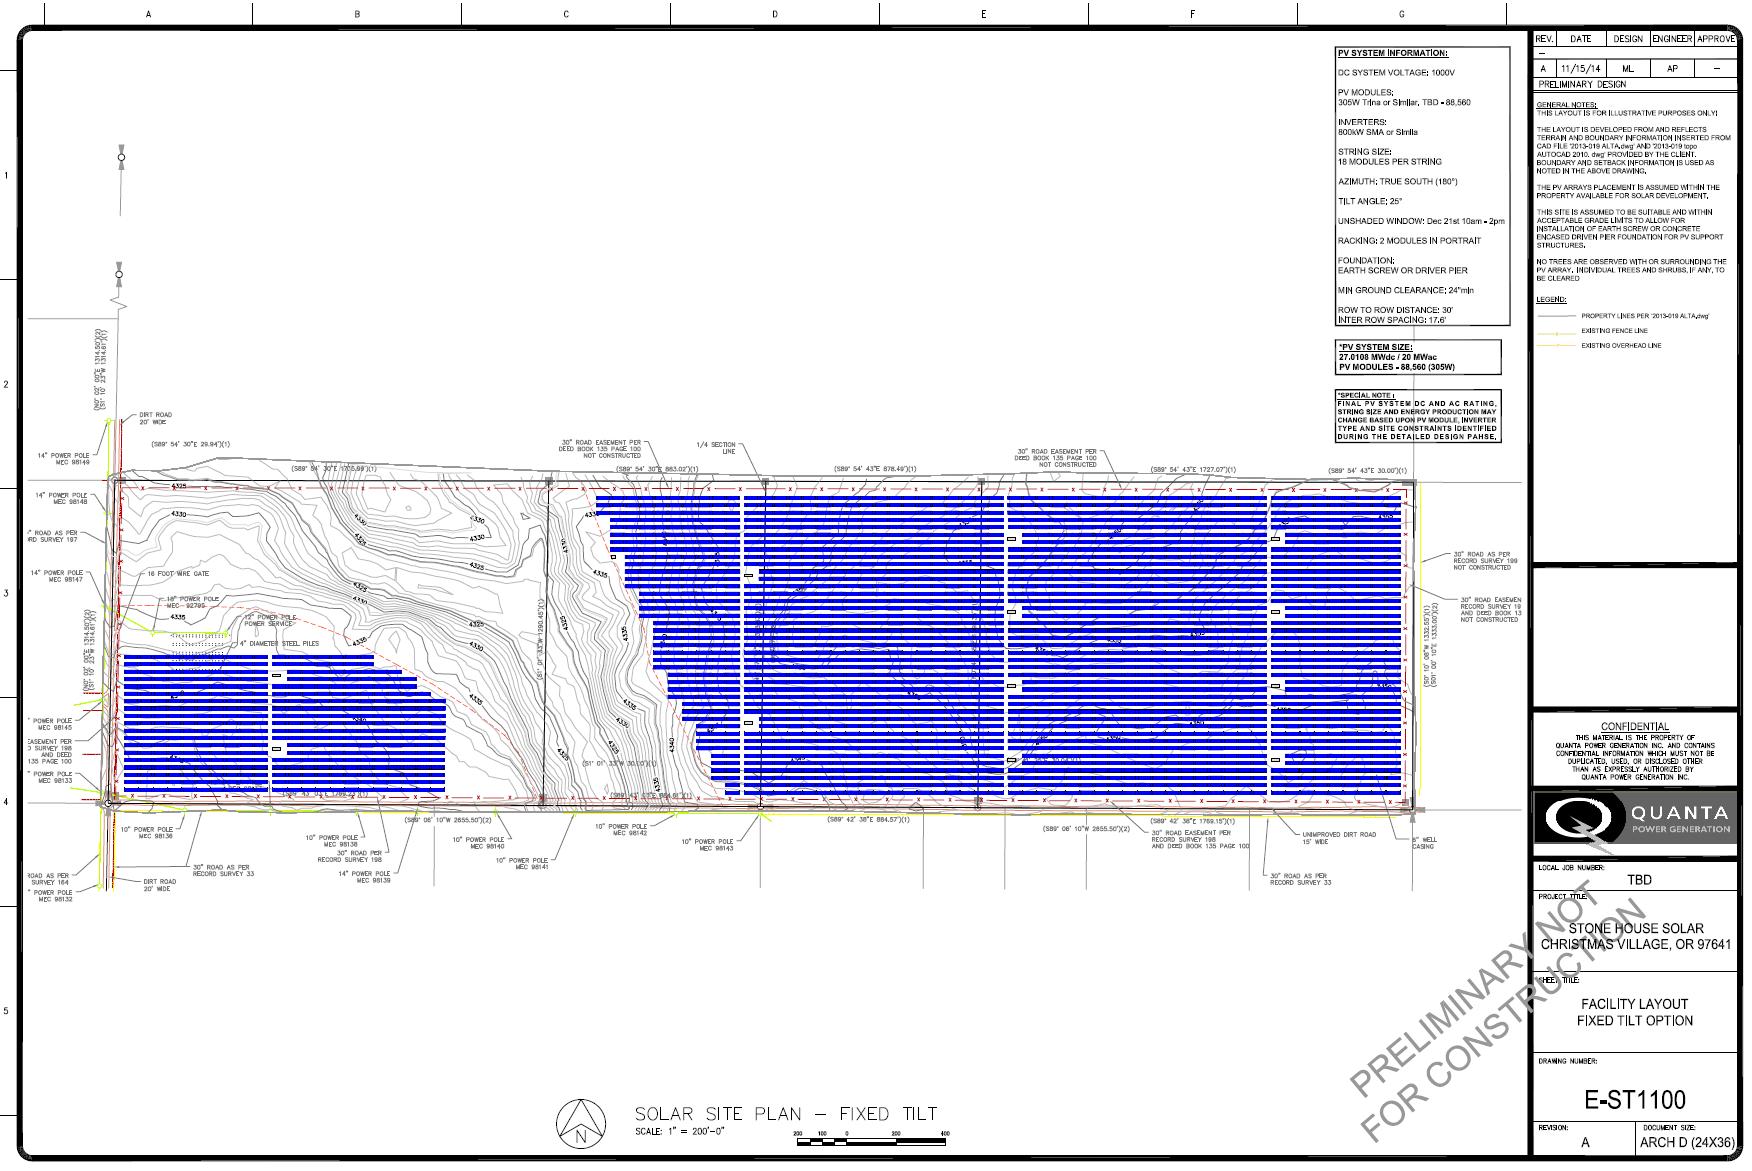 20 MW-ac / 27 MW-dc Site Layout